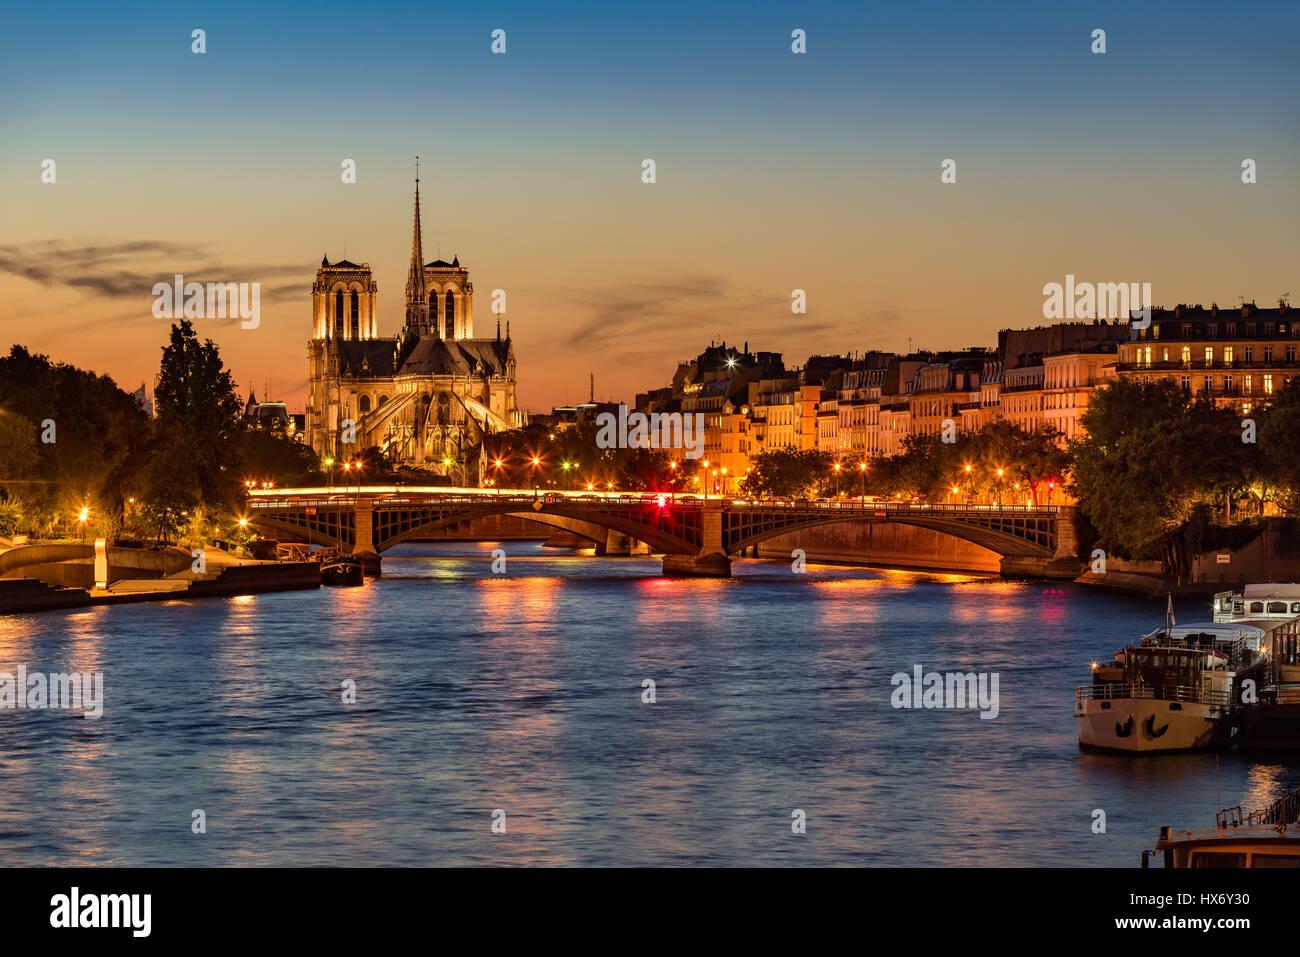 Notre Dame de Paris Cathedral, Senna e l'Ile Saint Louis al crepuscolo. Serata estiva con il ponte di Sully Immagini Stock